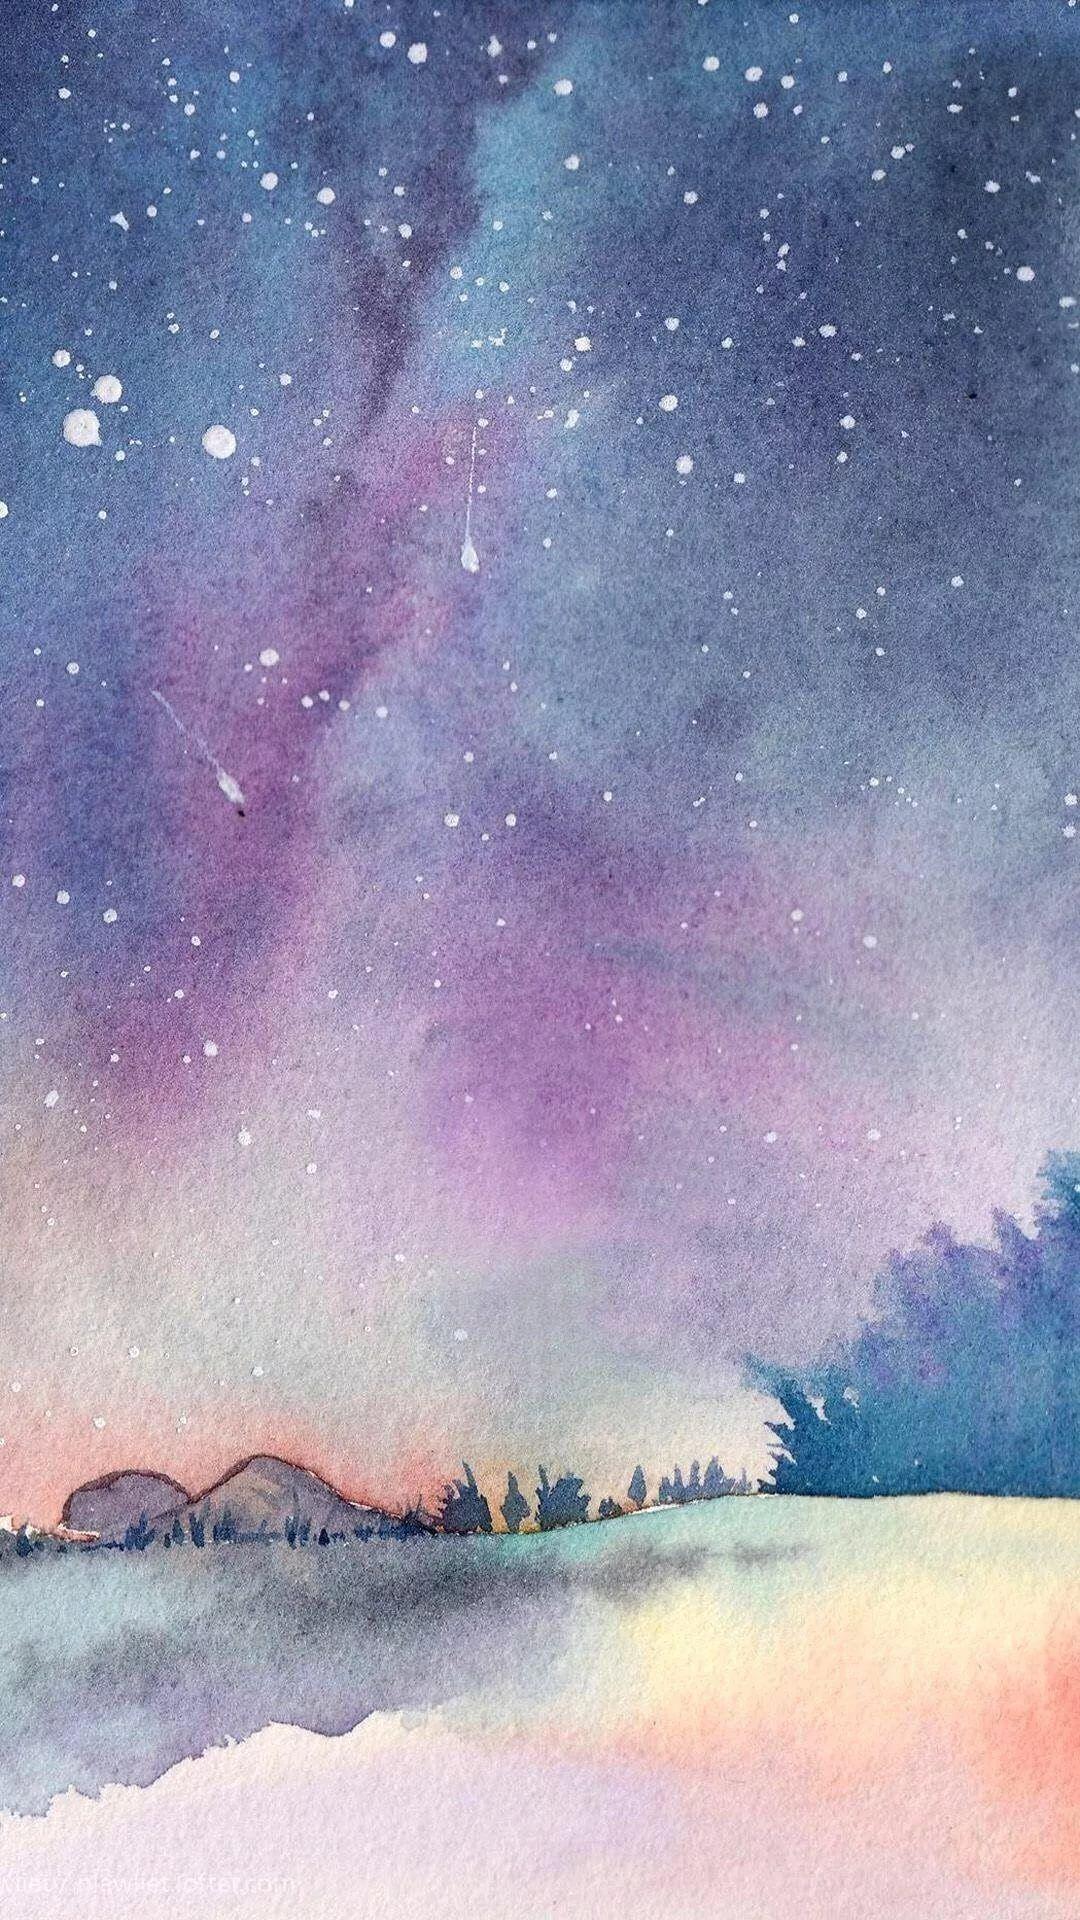 Watercolor iPhone 7 wallpaper